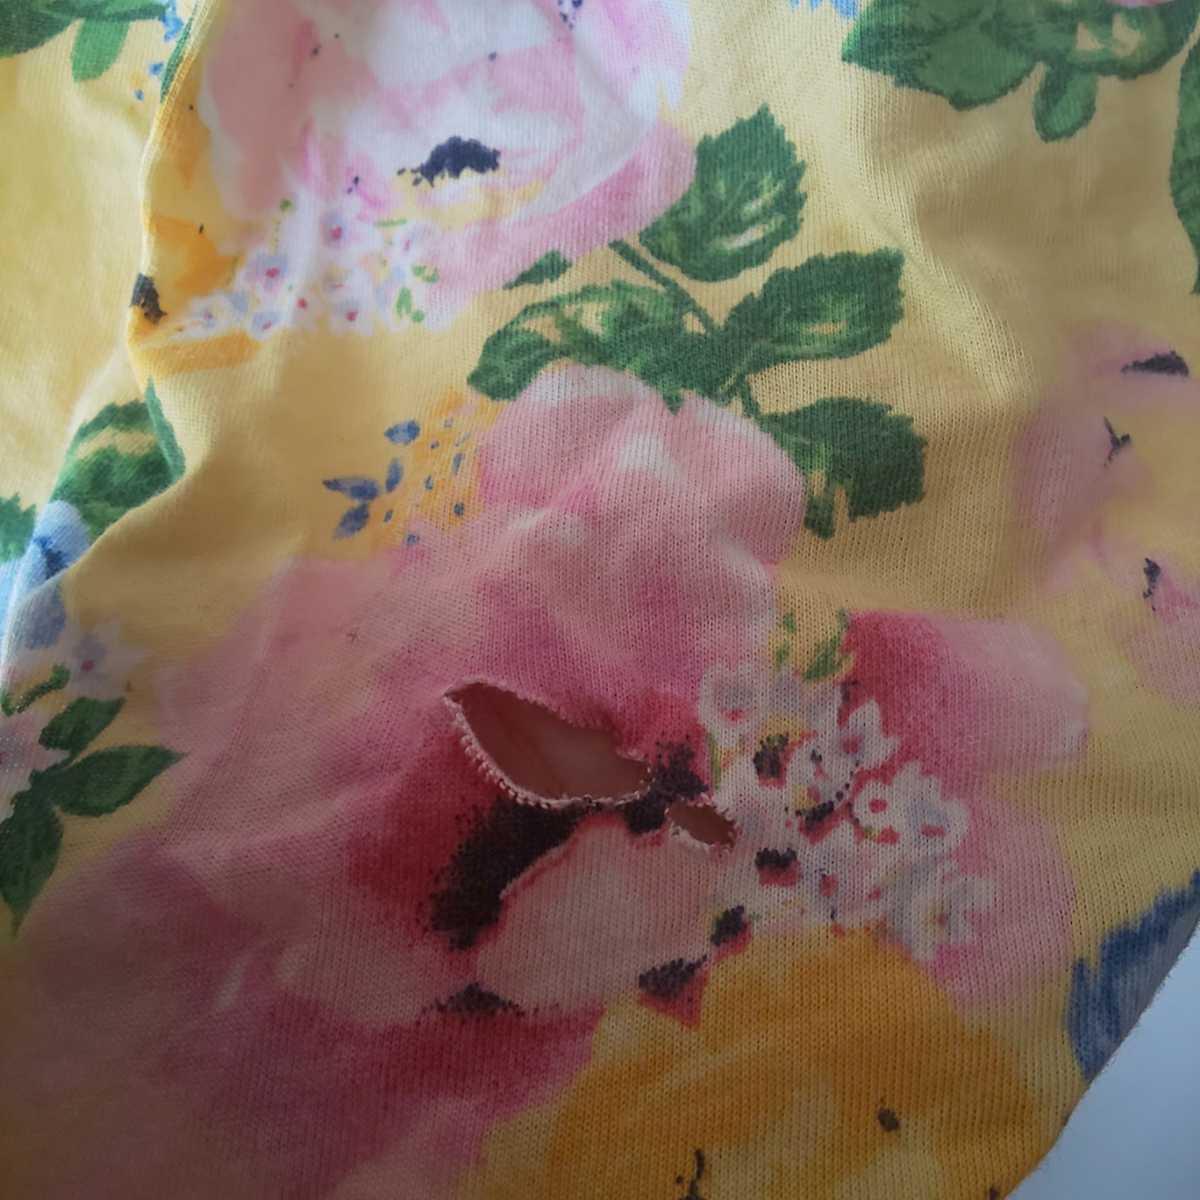 1円スタート! 140cm H&M ワンピース 黄色 花柄 キッズ 女の子コーデ 後ろ側破れあり リメイク 素材 生地 夏物 akichan7777jp_画像4